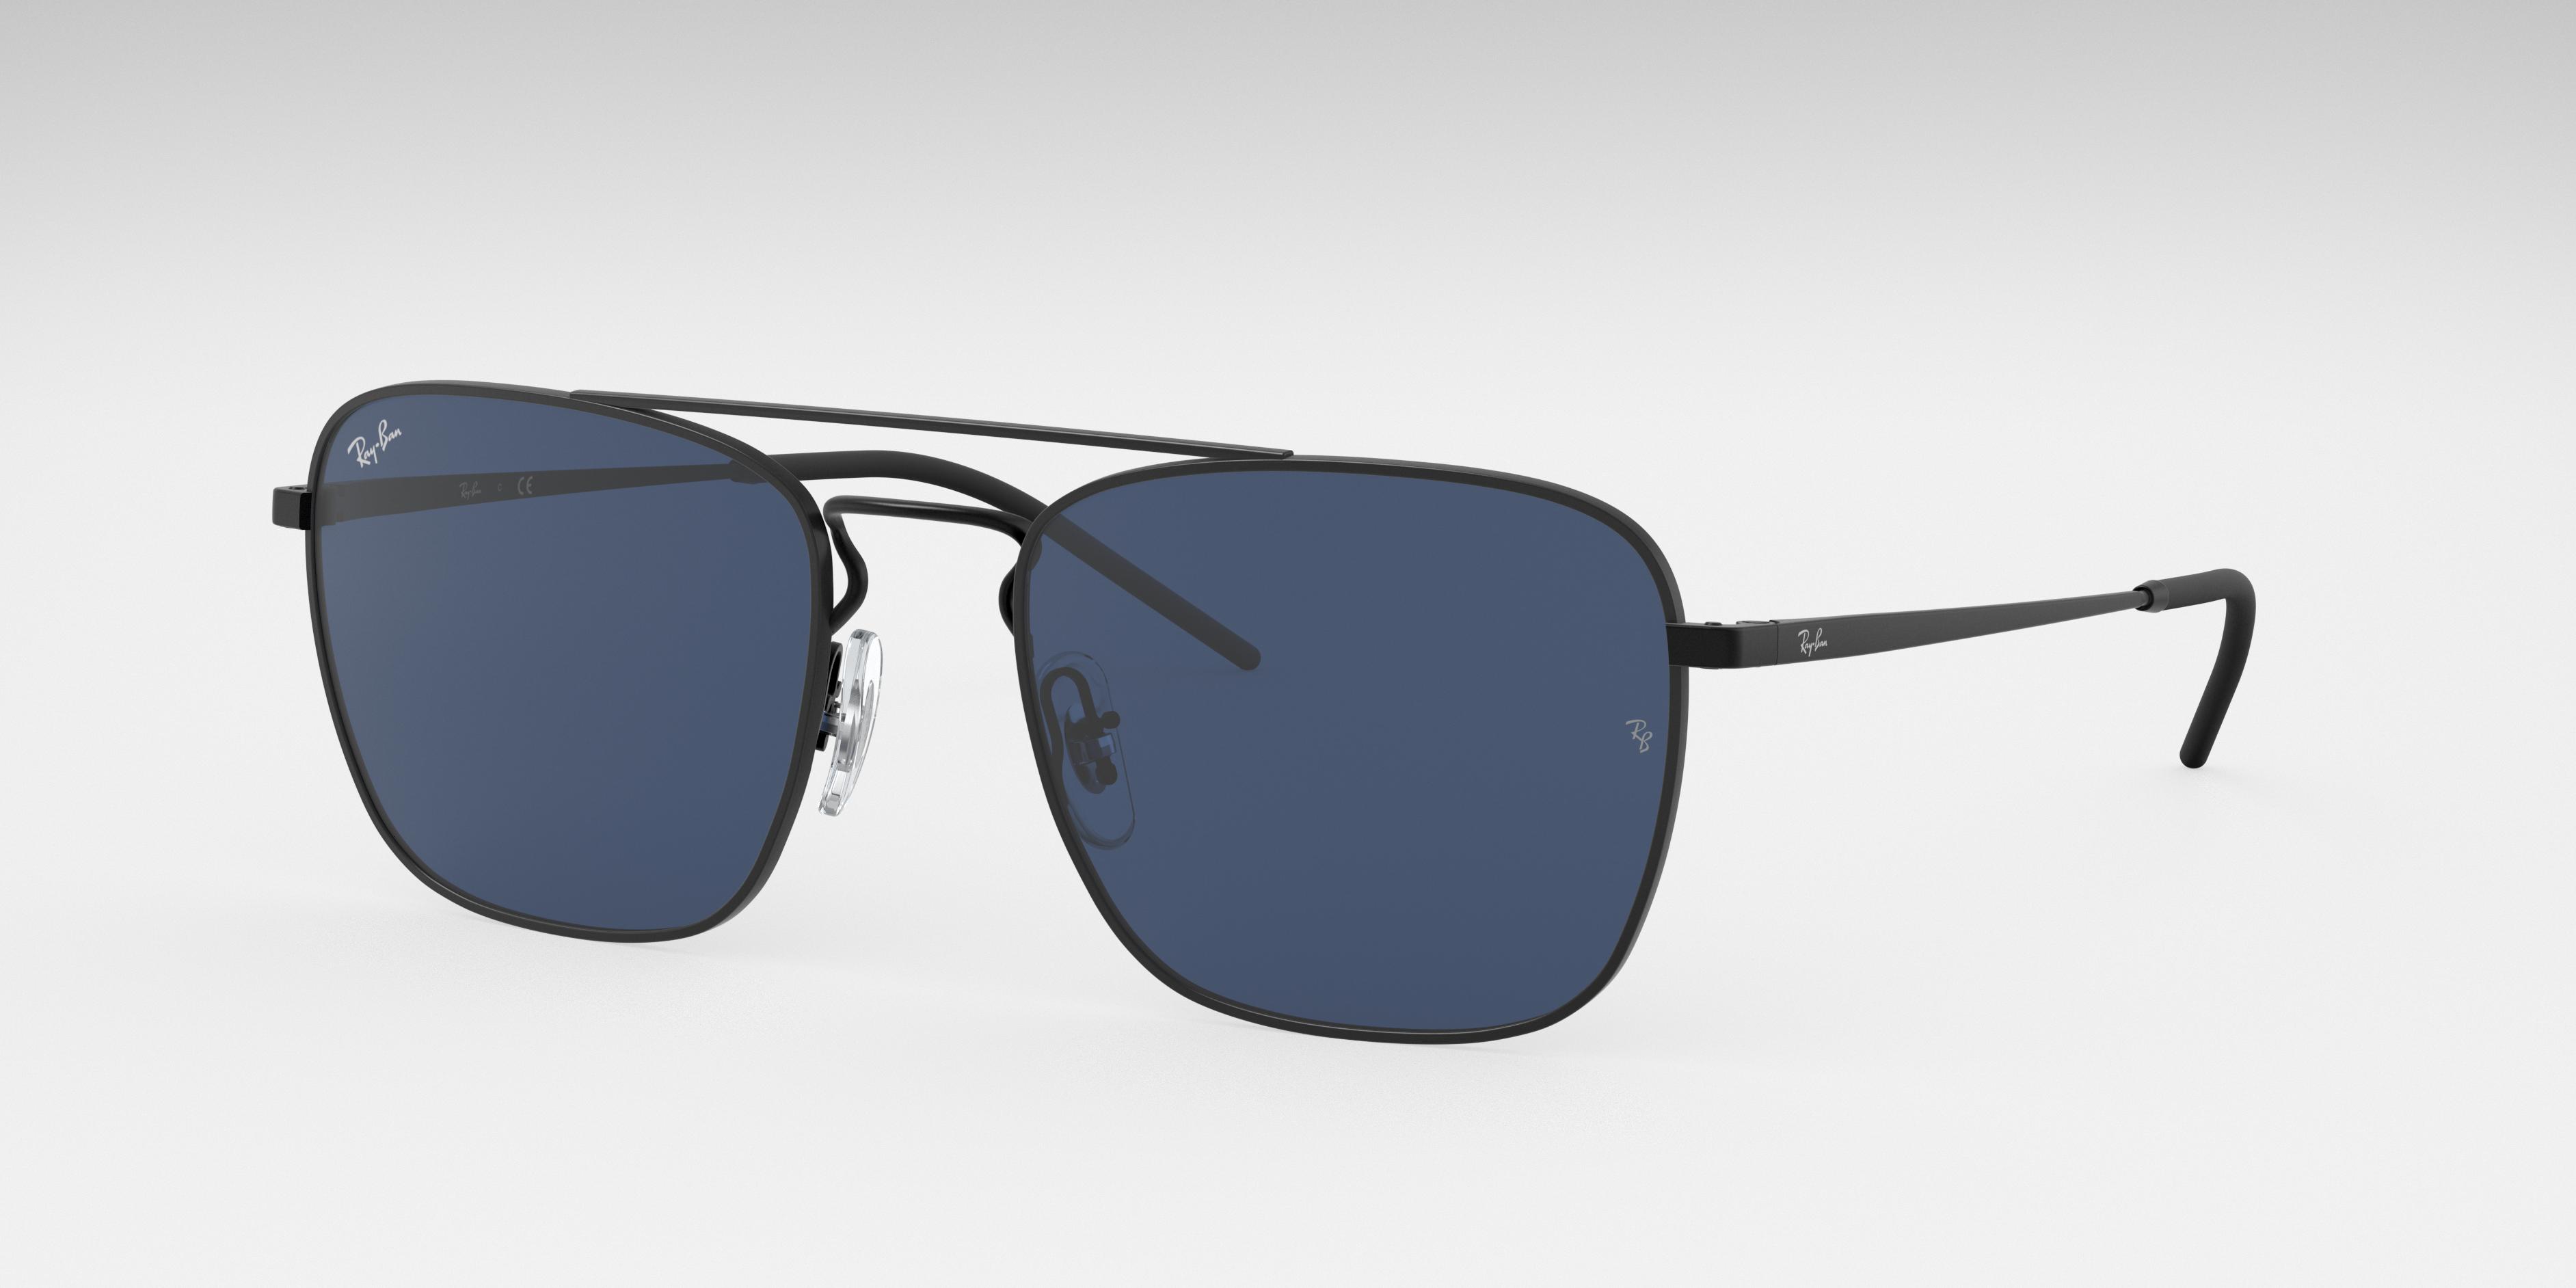 Ray-Ban Rb3588 Black, Blue Lenses - RB3588